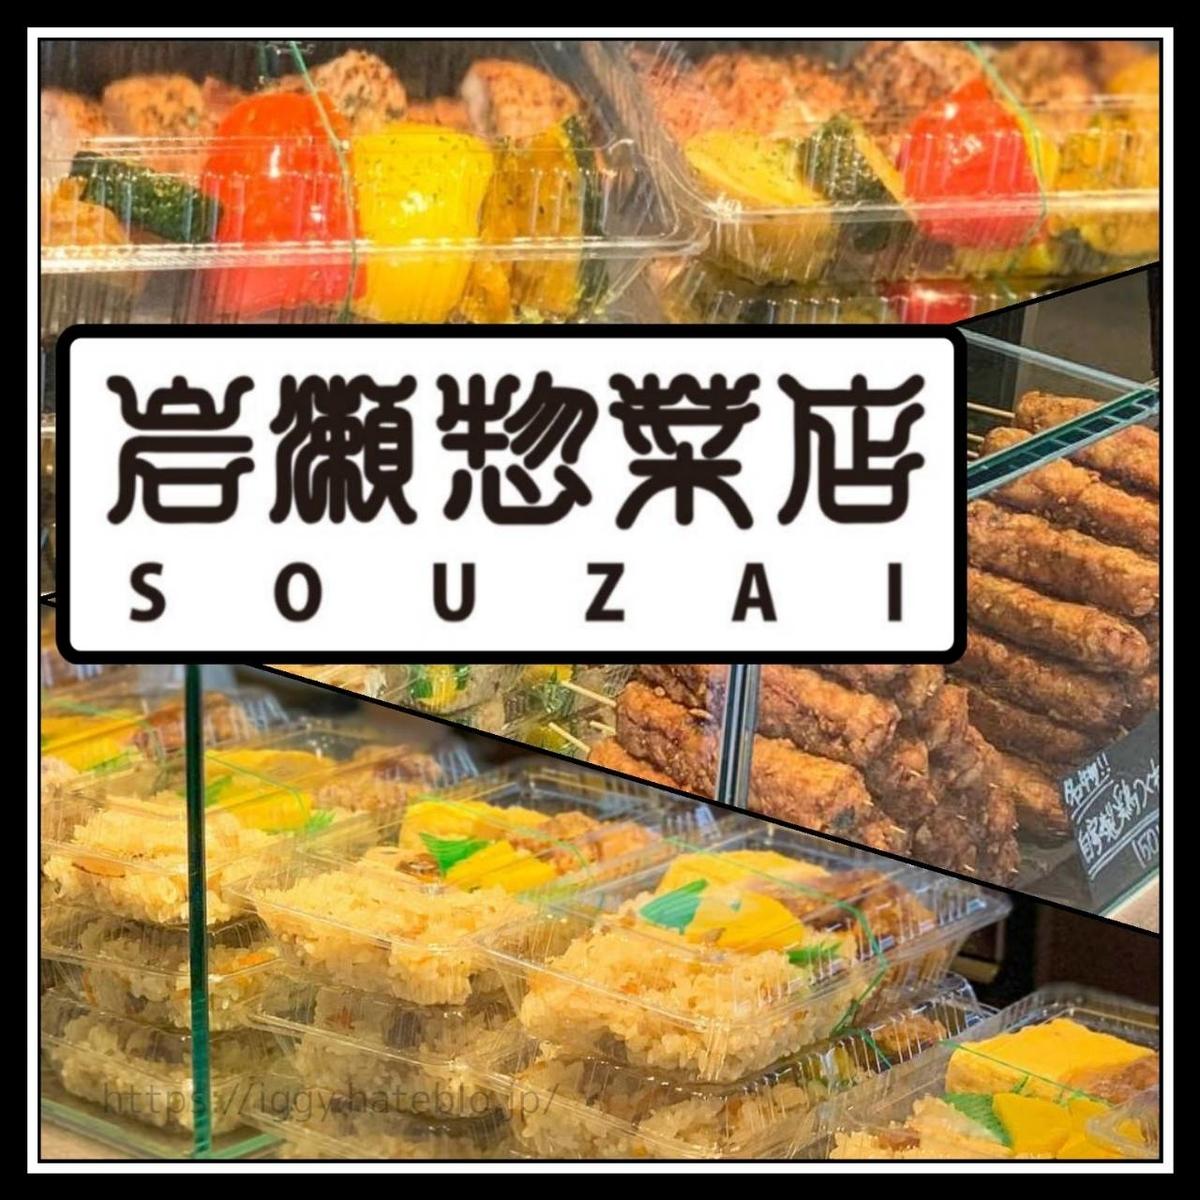 岩瀬惣菜店 日替わりメニュー LIFE